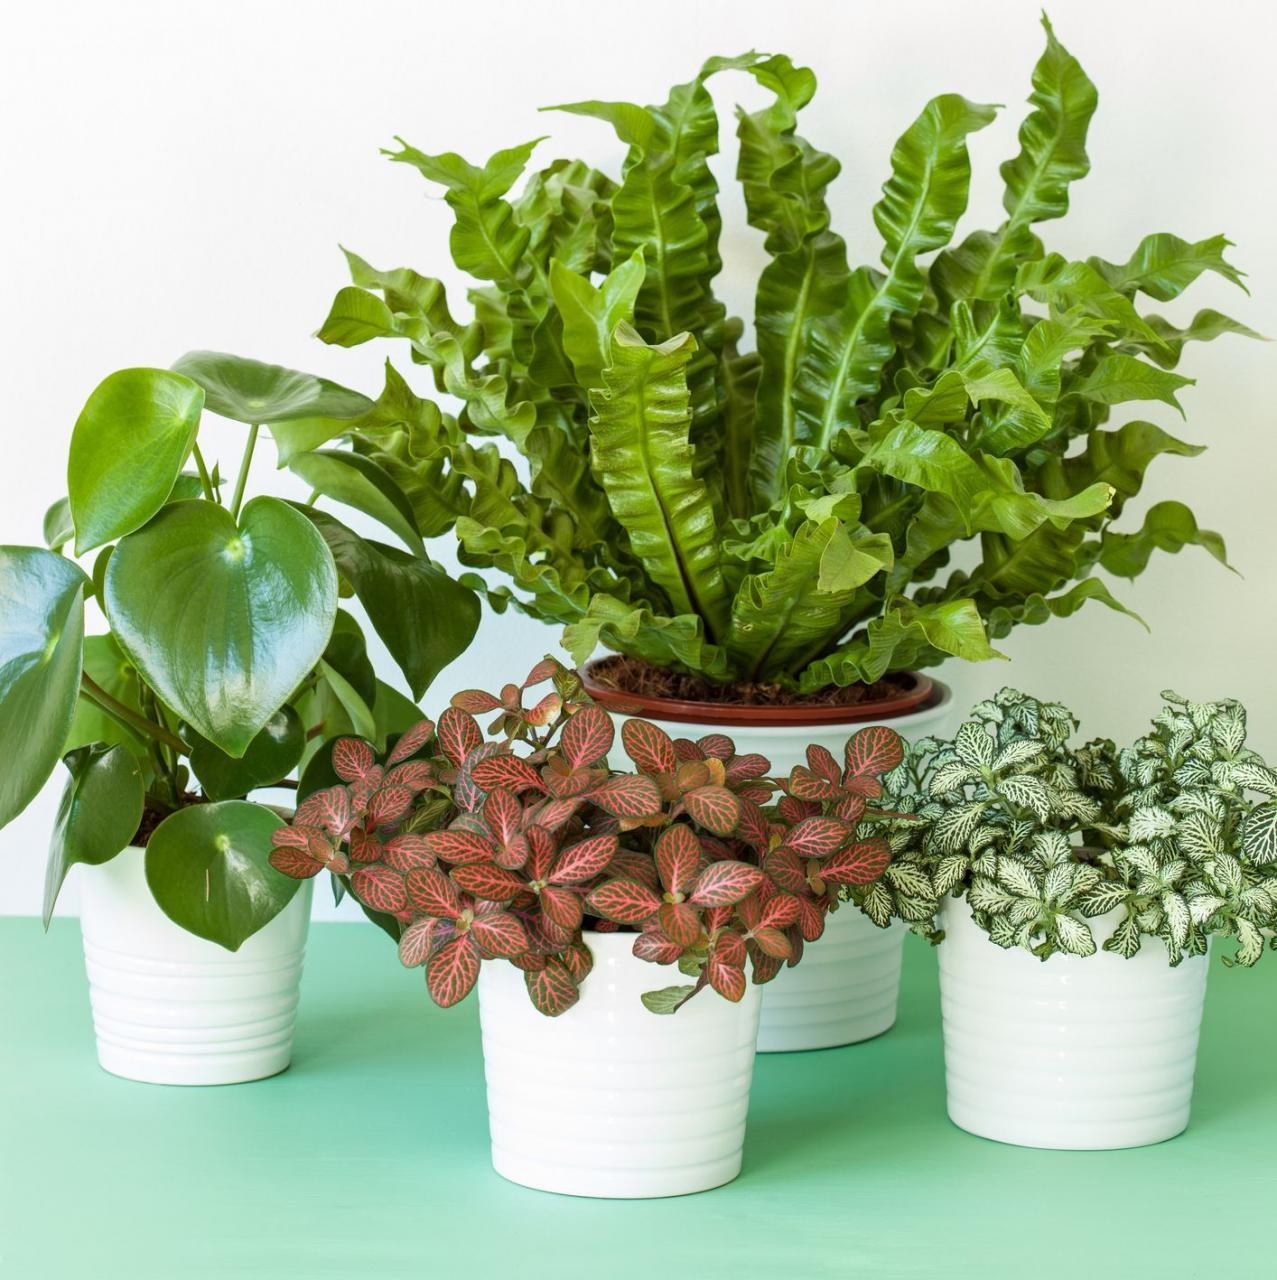 Meilleures plantes d'intérieur faciles à cultiver à faible soleil